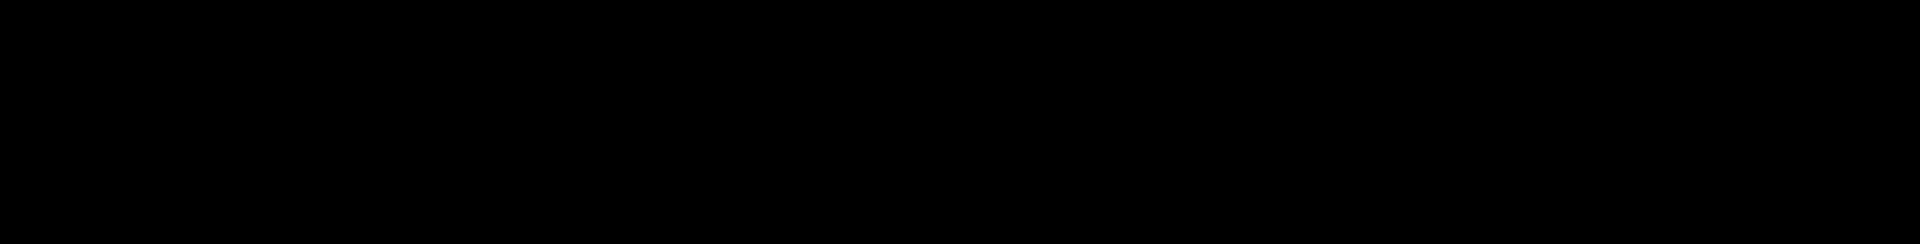 BorderAngle_botRight-black.png